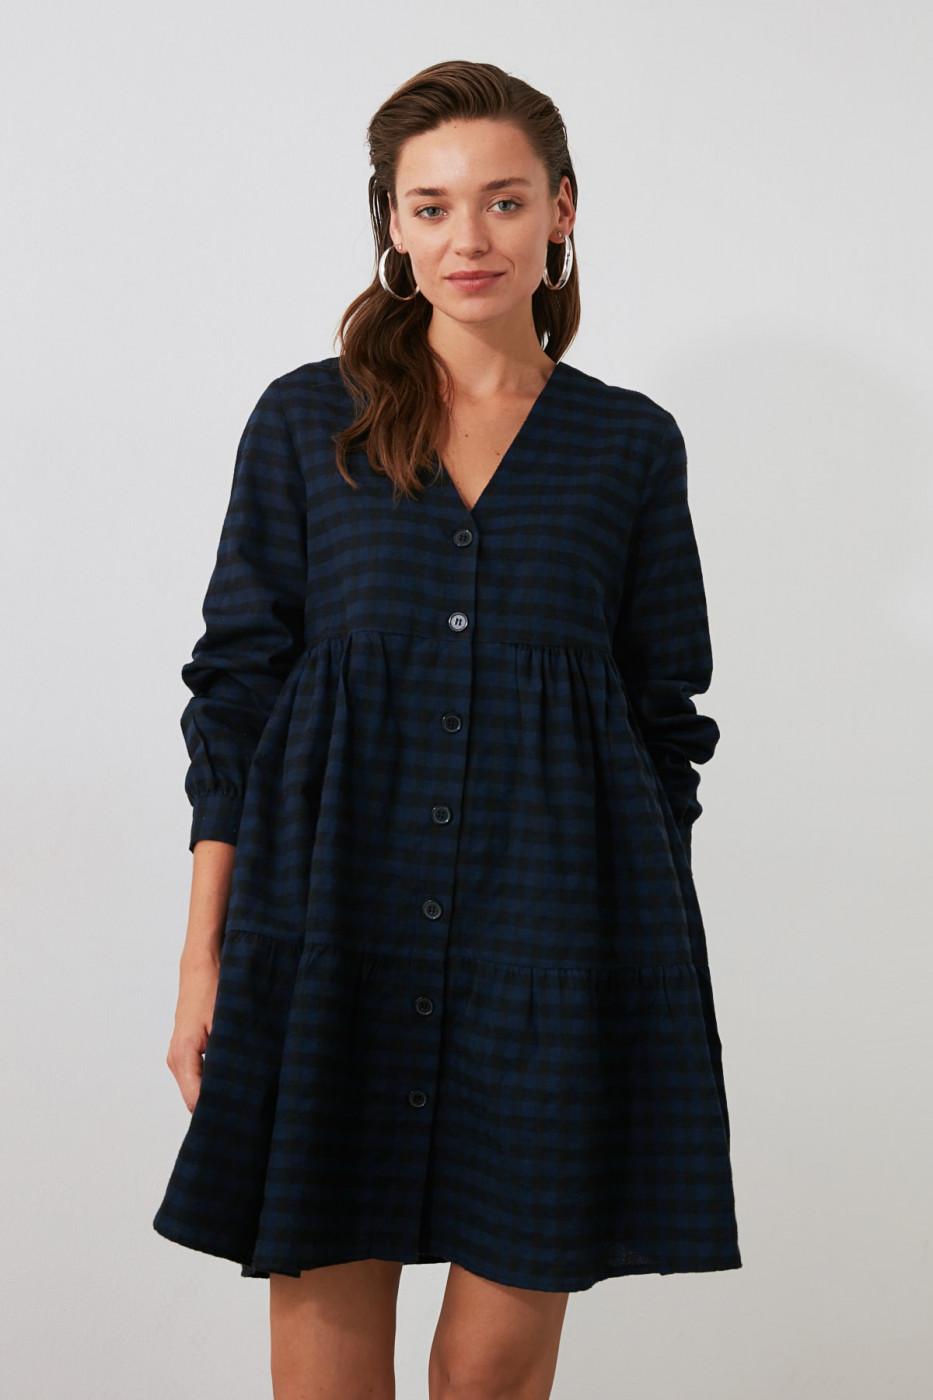 Trendyol Indigo Checkered Shirt Dress